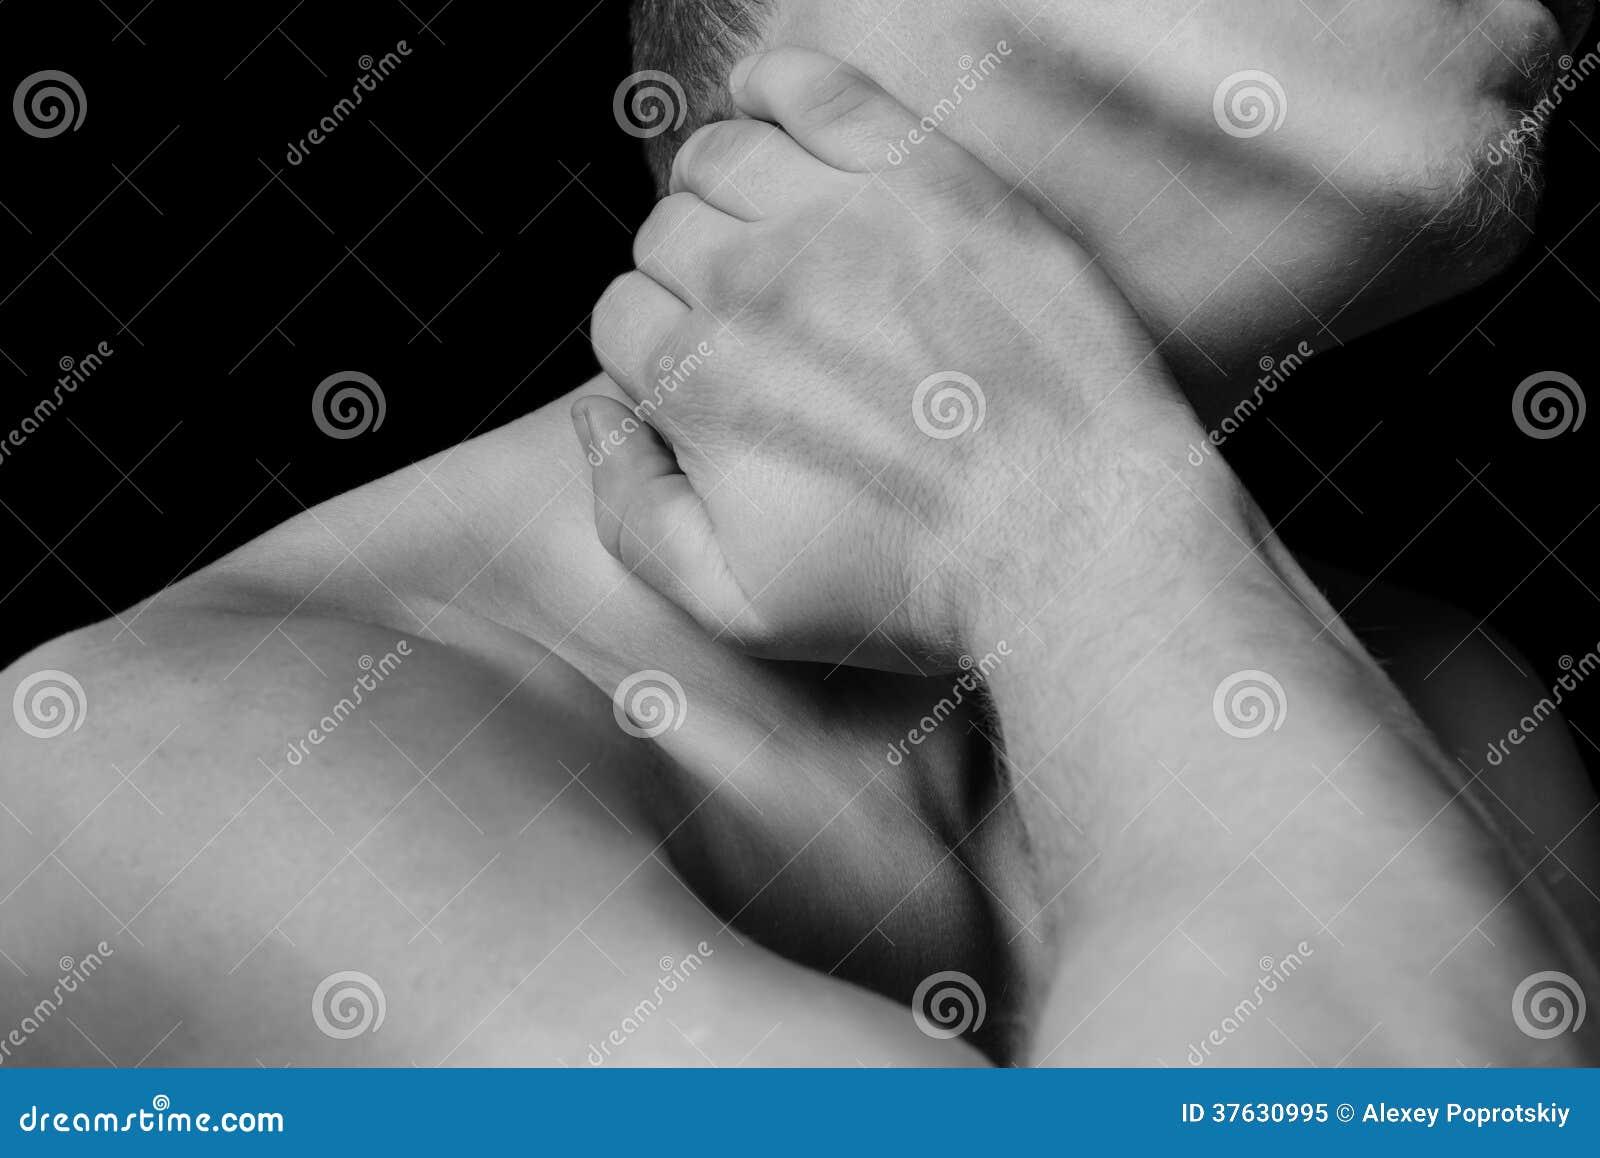 Dor em um pescoço masculino